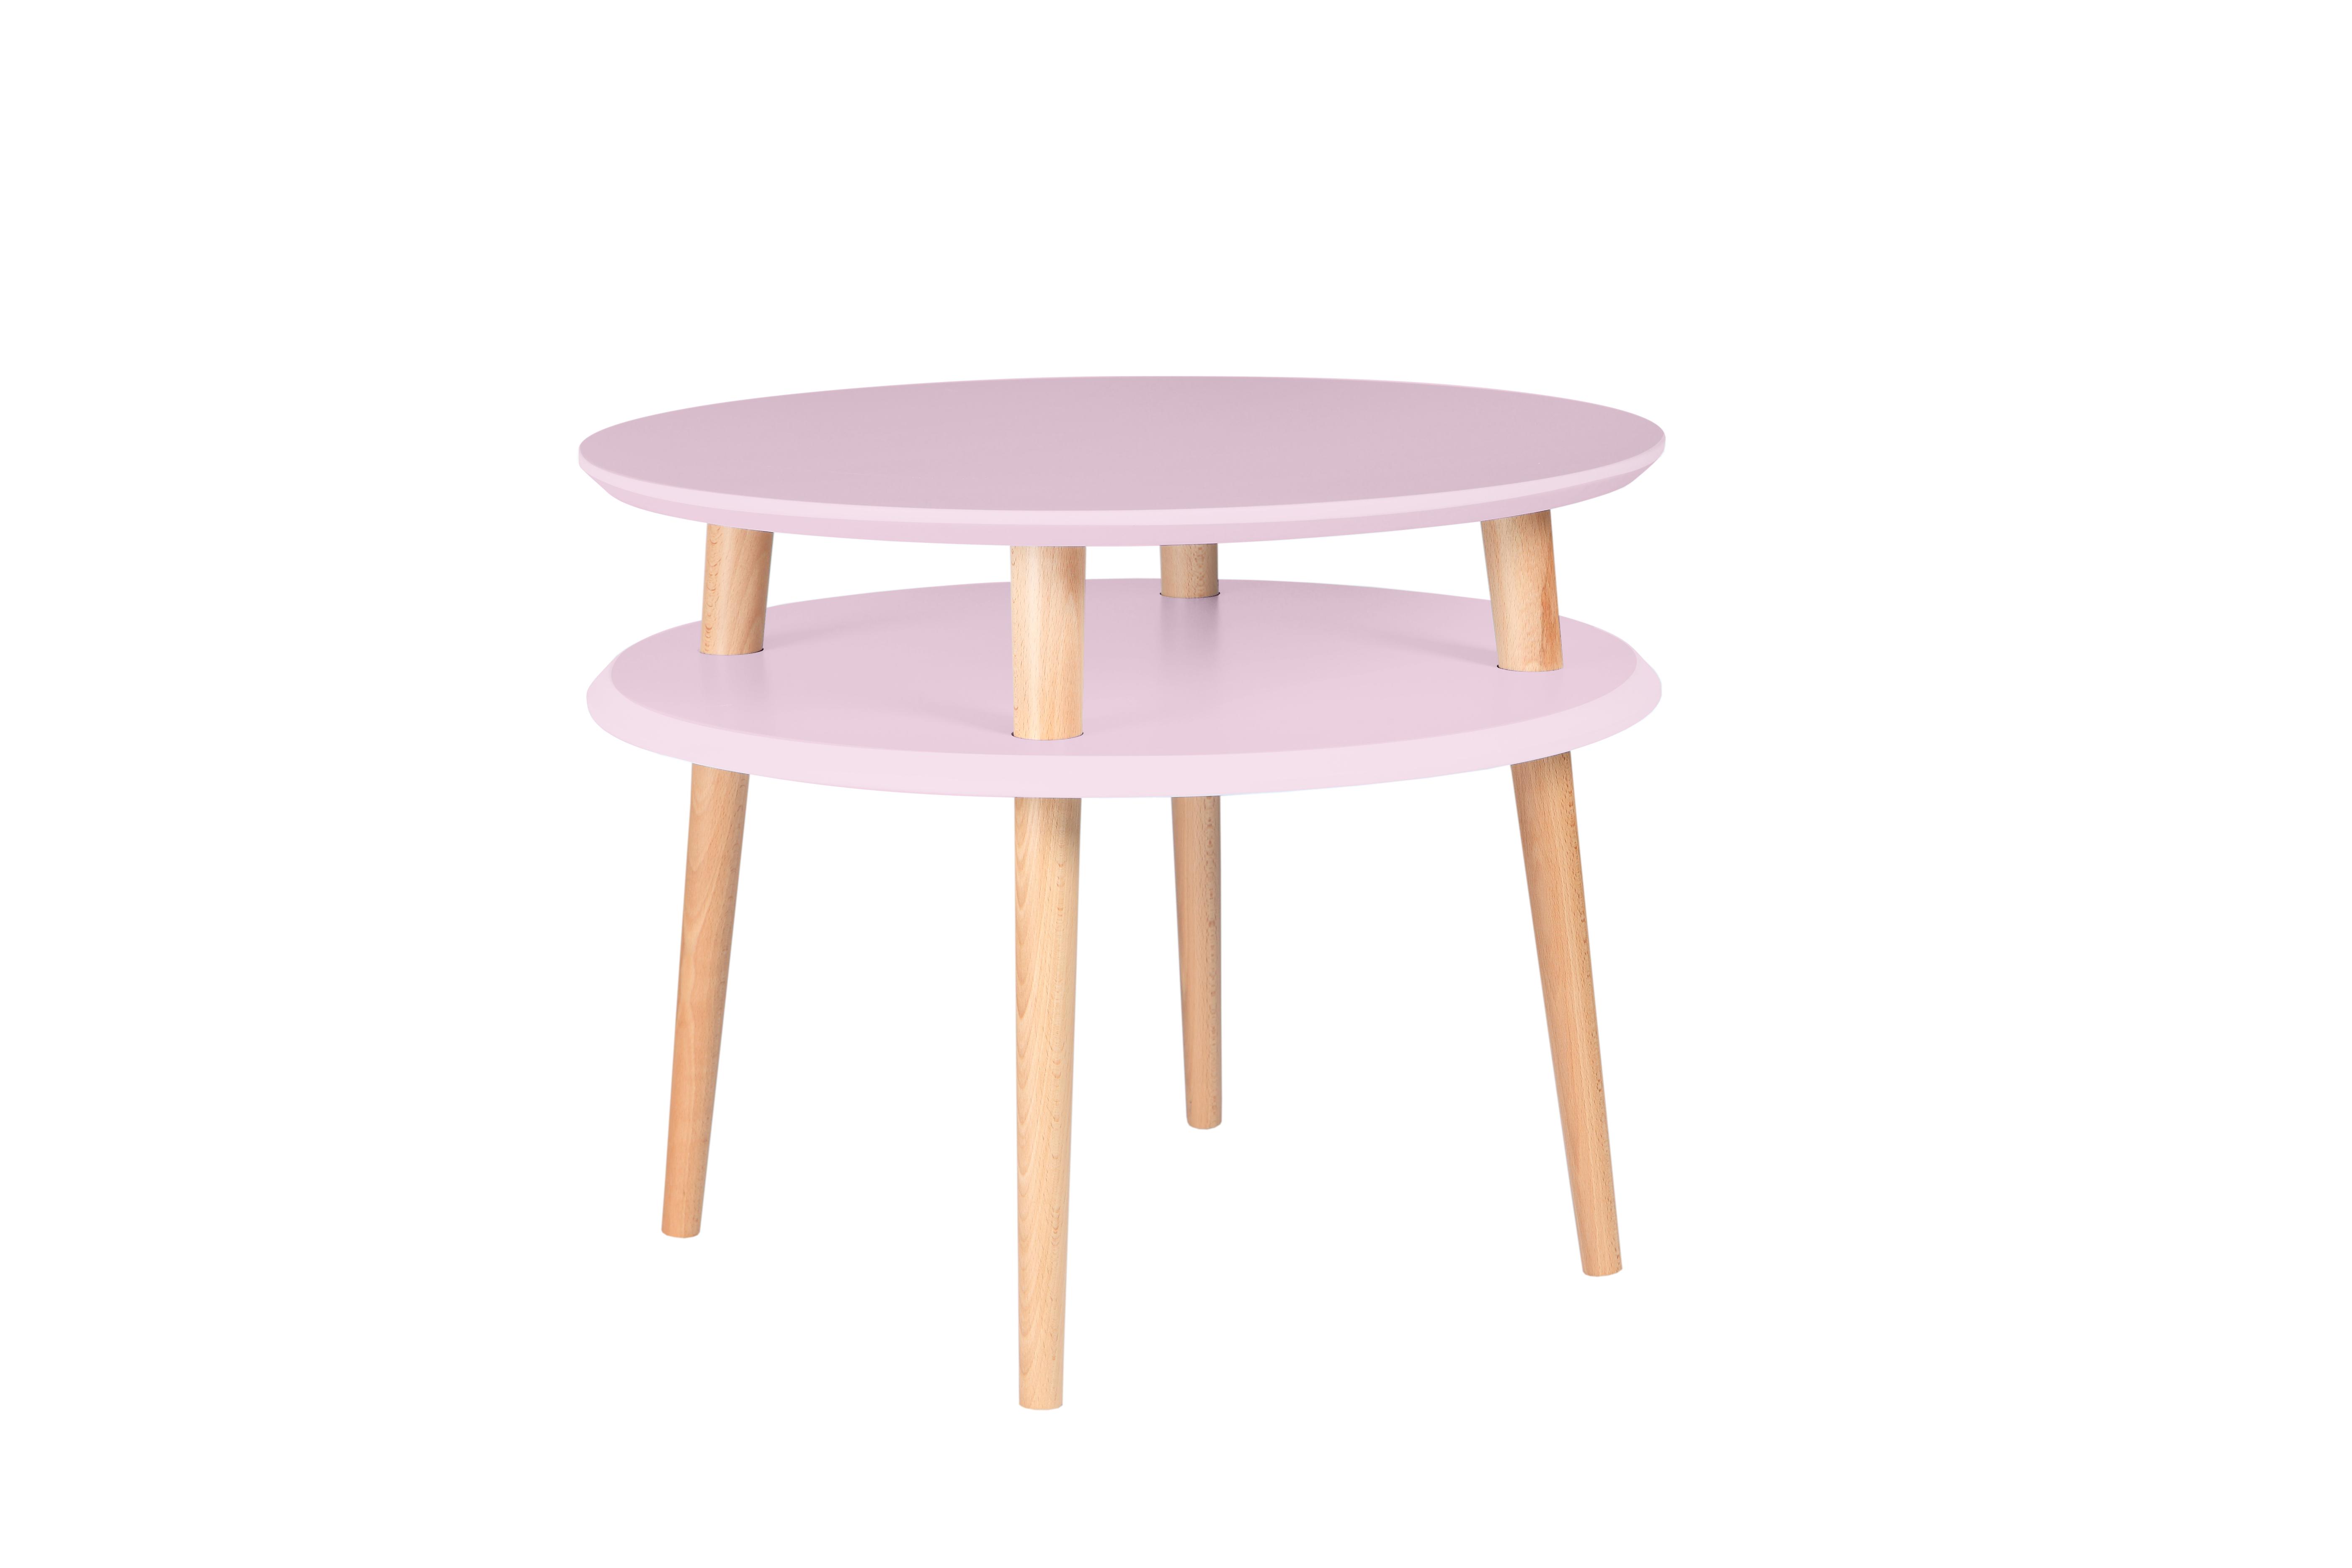 Masa de cafea Ufo Medium Dusky Pink, Ø57xh45 cm